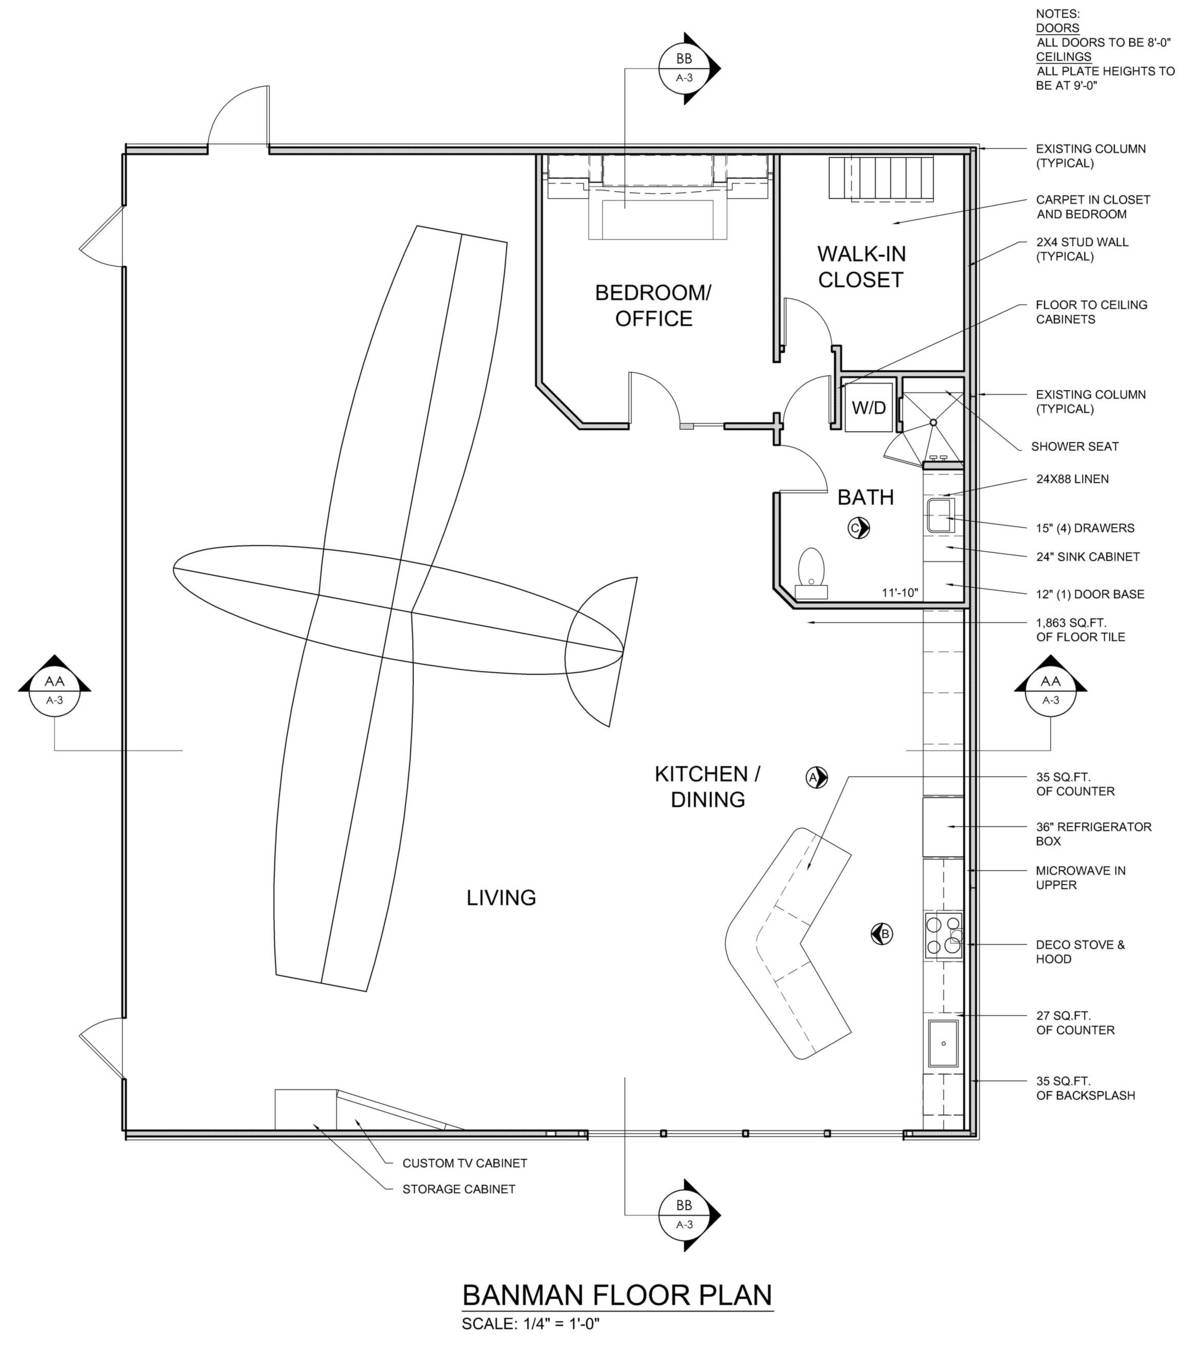 Open Bathroom Bedroom Design. Image Result For Open Bathroom Bedroom Design